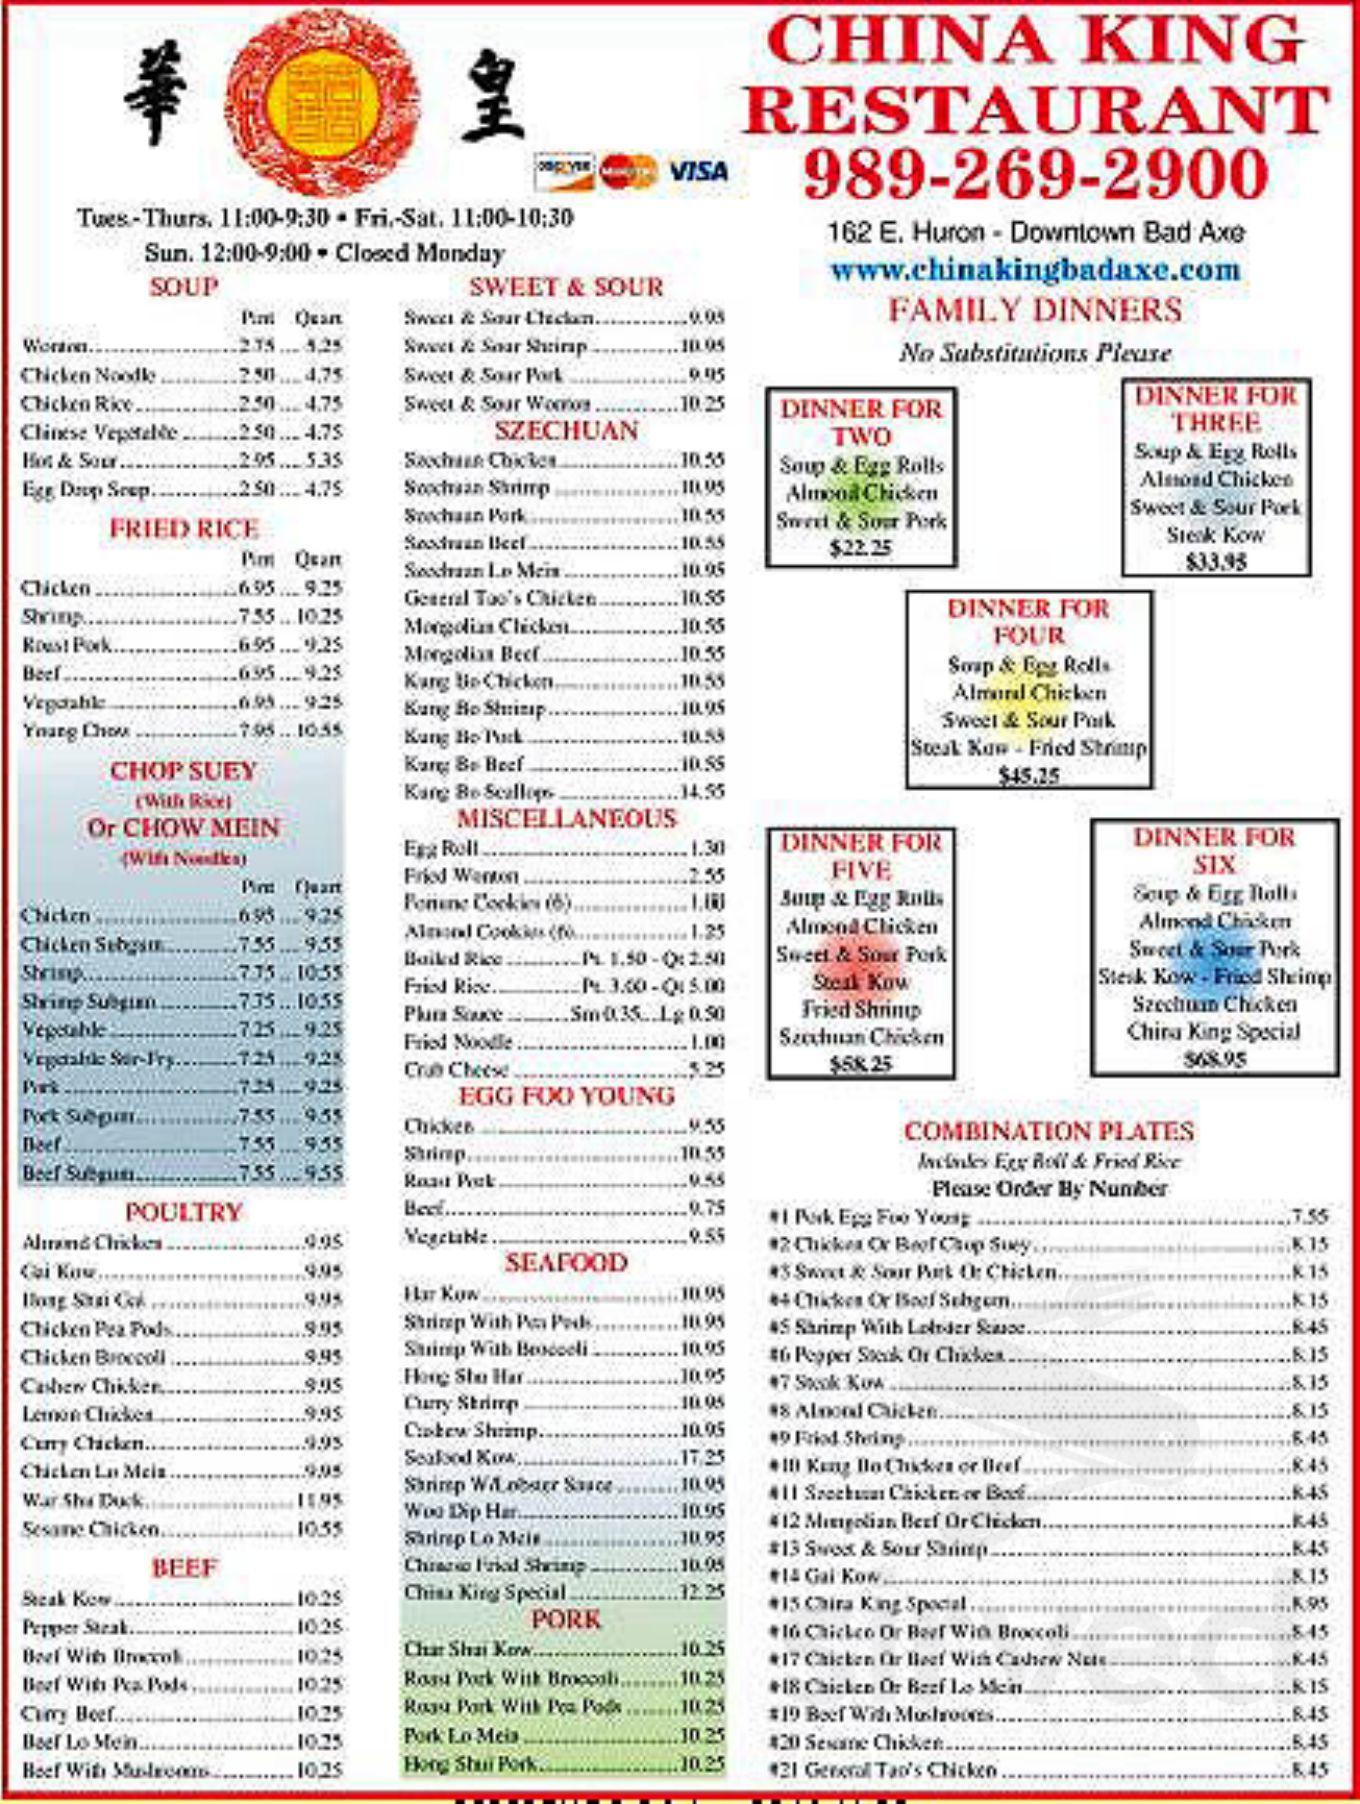 China King Restaurant Menu In Bad Axe Michigan Usa